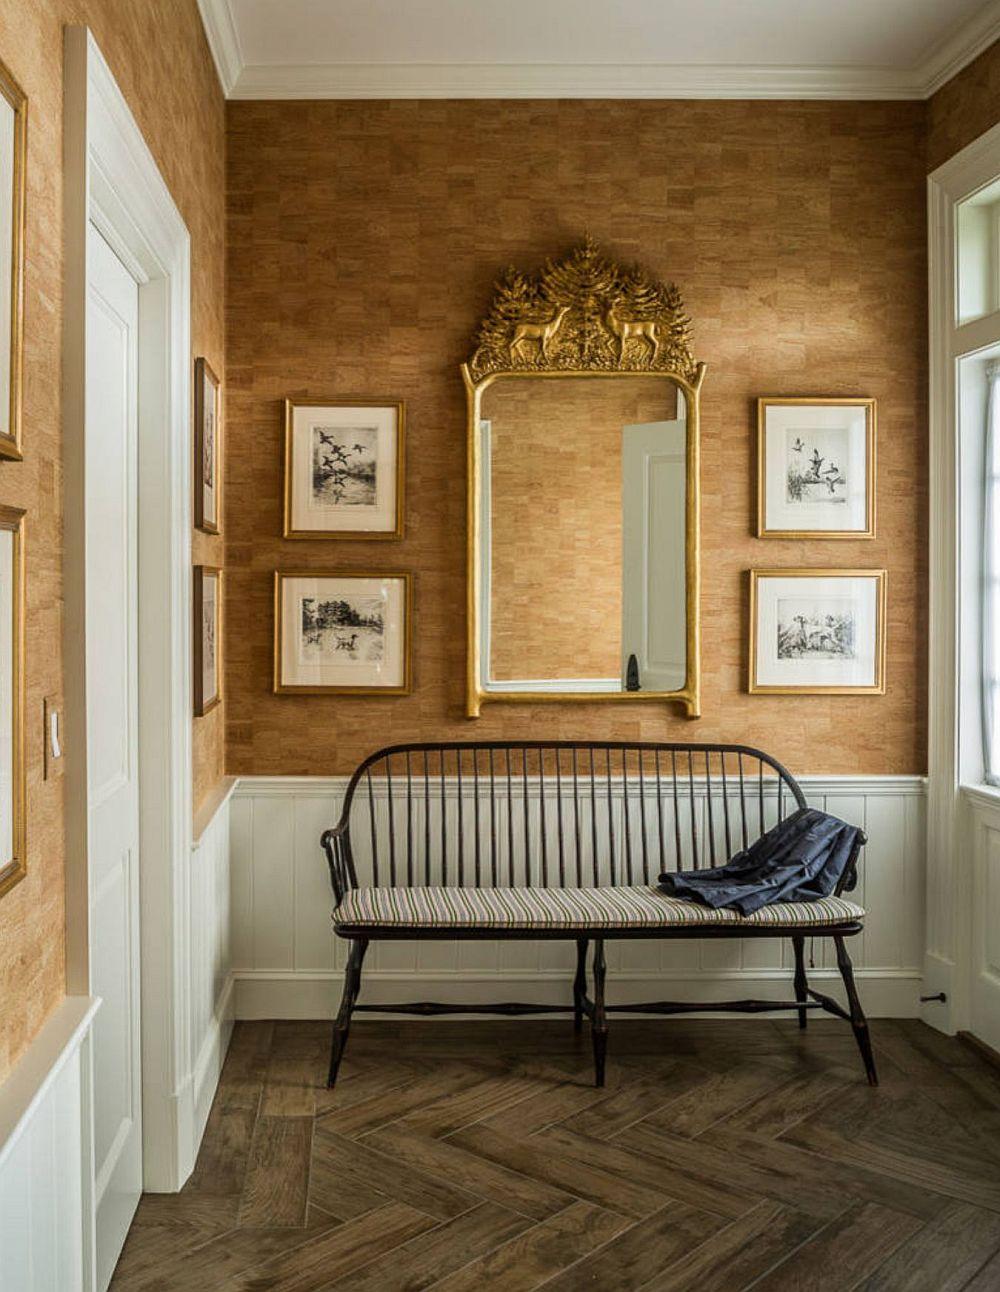 O oglindă în hol prinde mereu bine, dar pe lângă oglinda dulapului ori cuierului pentru haine, poți avea o oglindă decorativă pentru a aduce un plus de luminozitate în acest spațiu de trecere. De asemenea, dacă holul este înalt (peste 2,60 metri), poți folosi fără problee lambriurile, care vor ordona spațiul, mai ales când ai uși sau goluri de mai multe feluri.